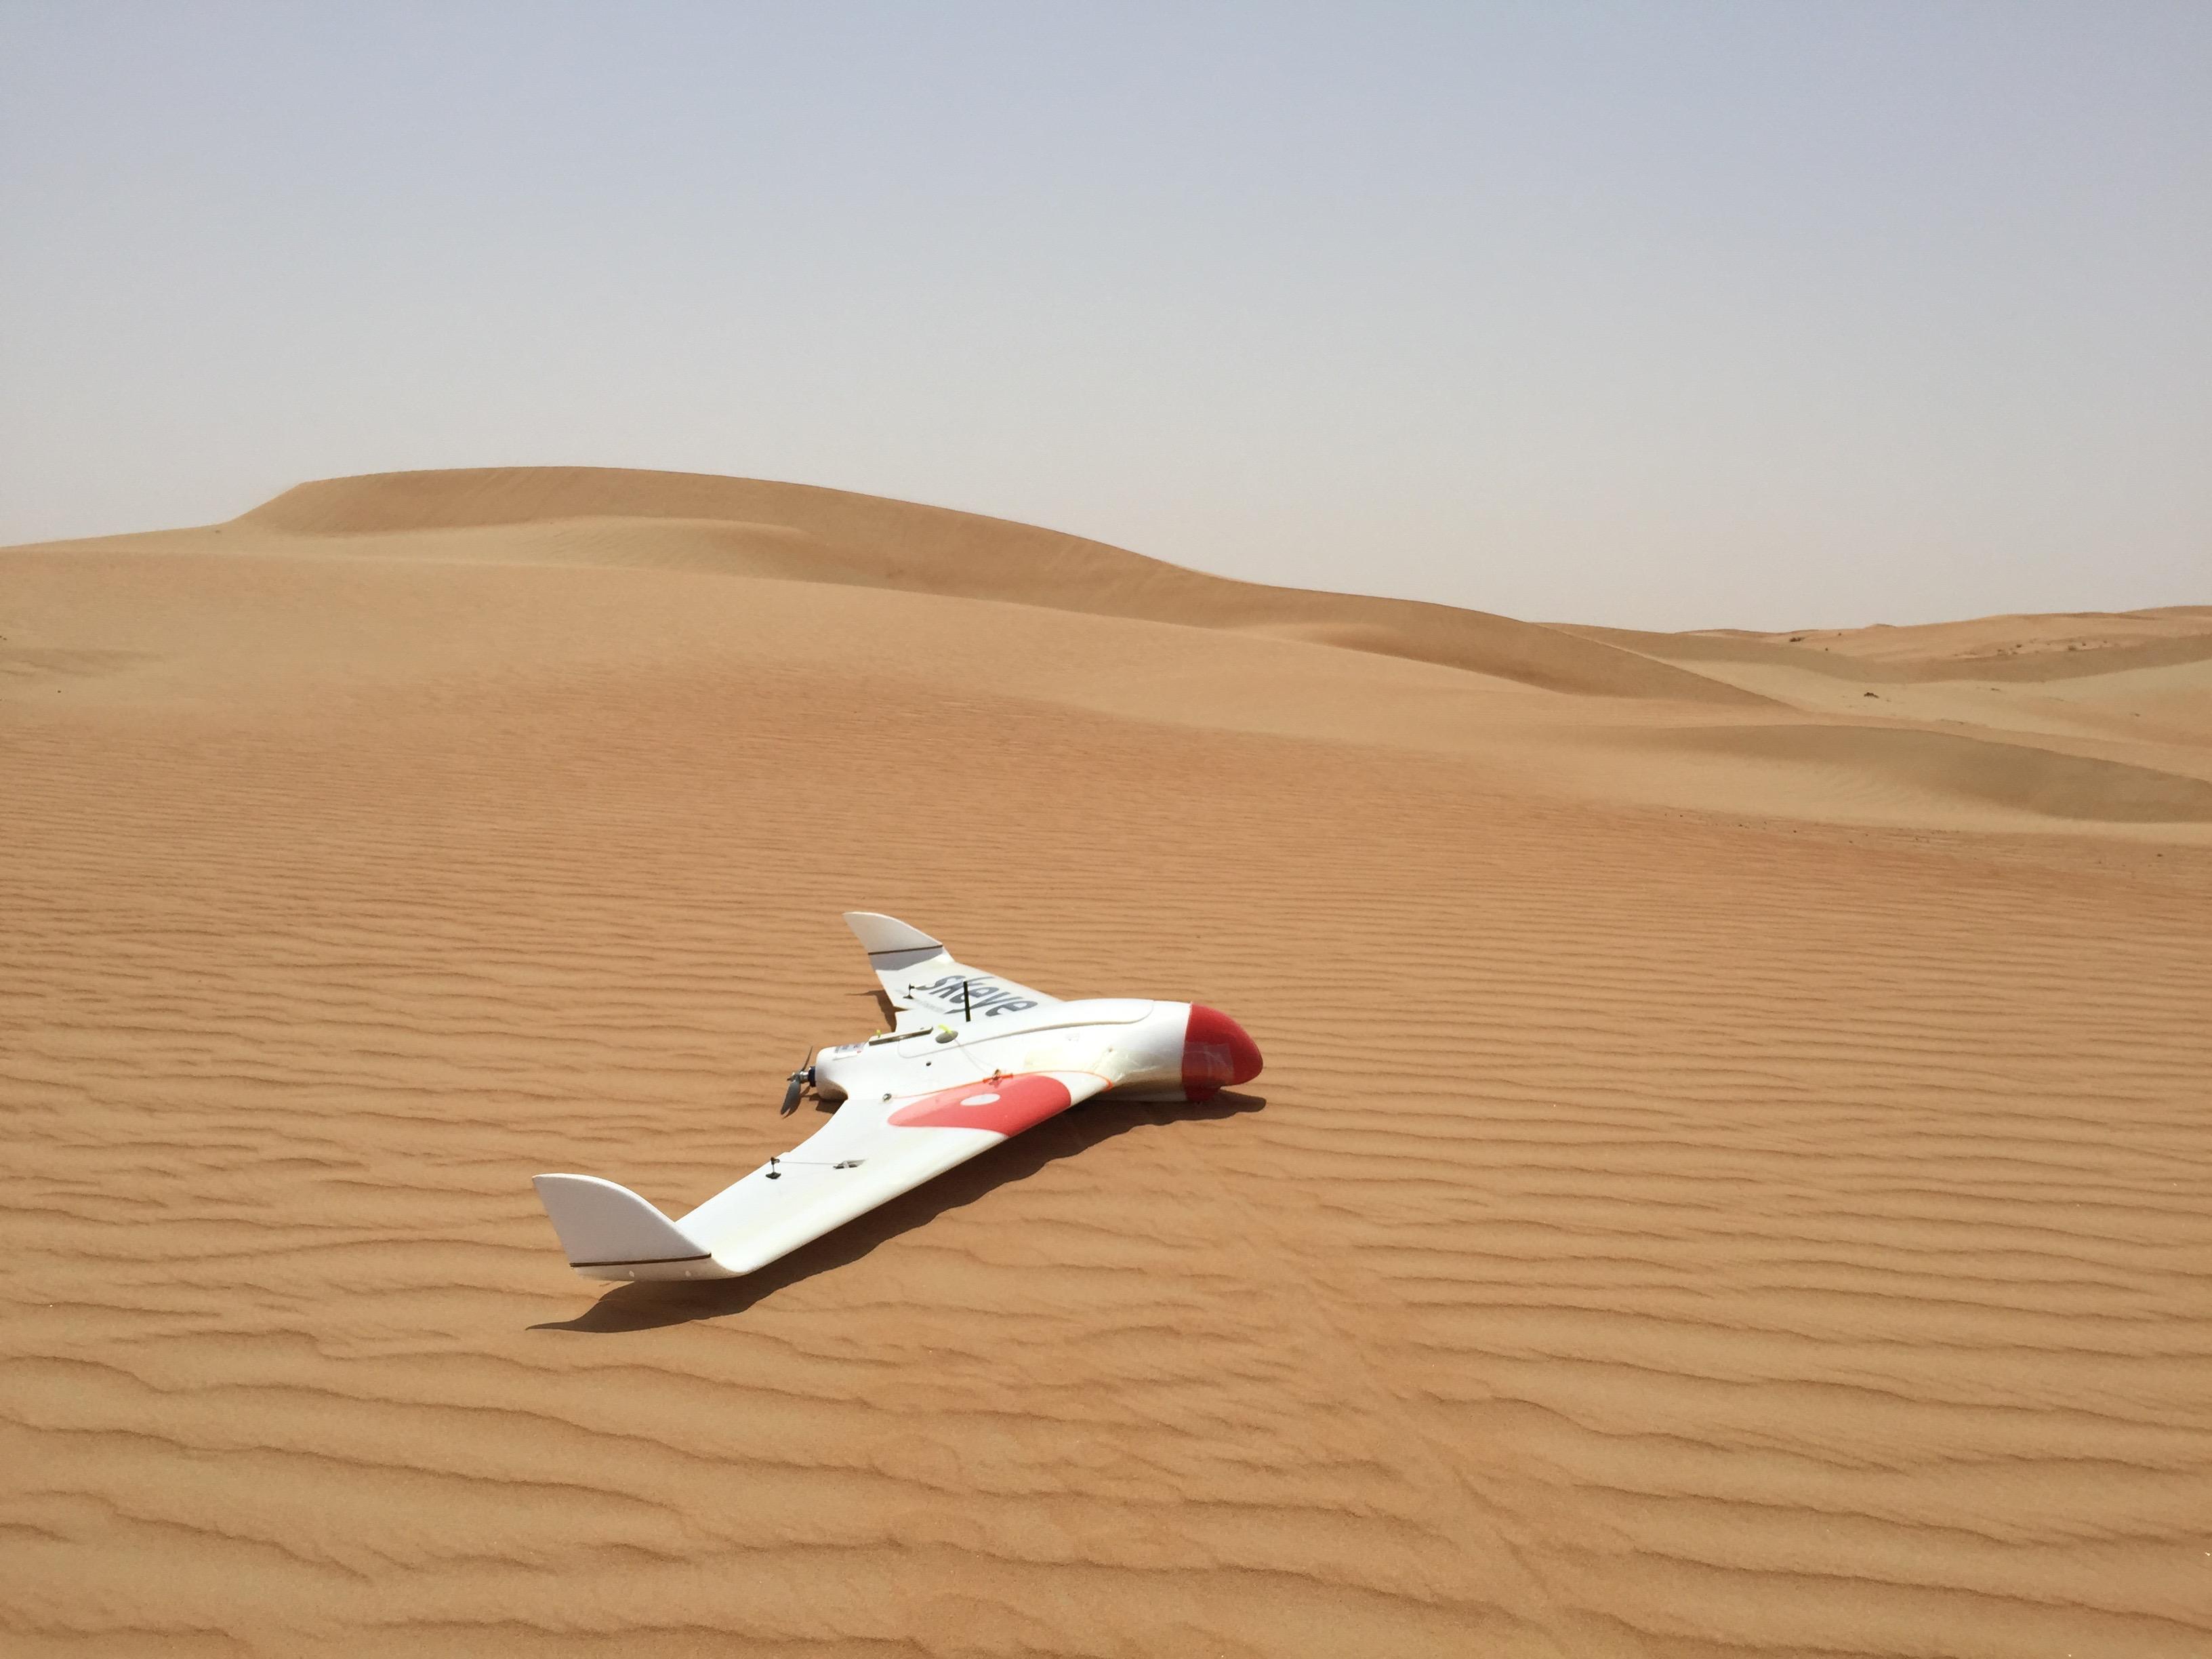 Vermessung-Abu-Dabi-Wüste-Referenz-1150